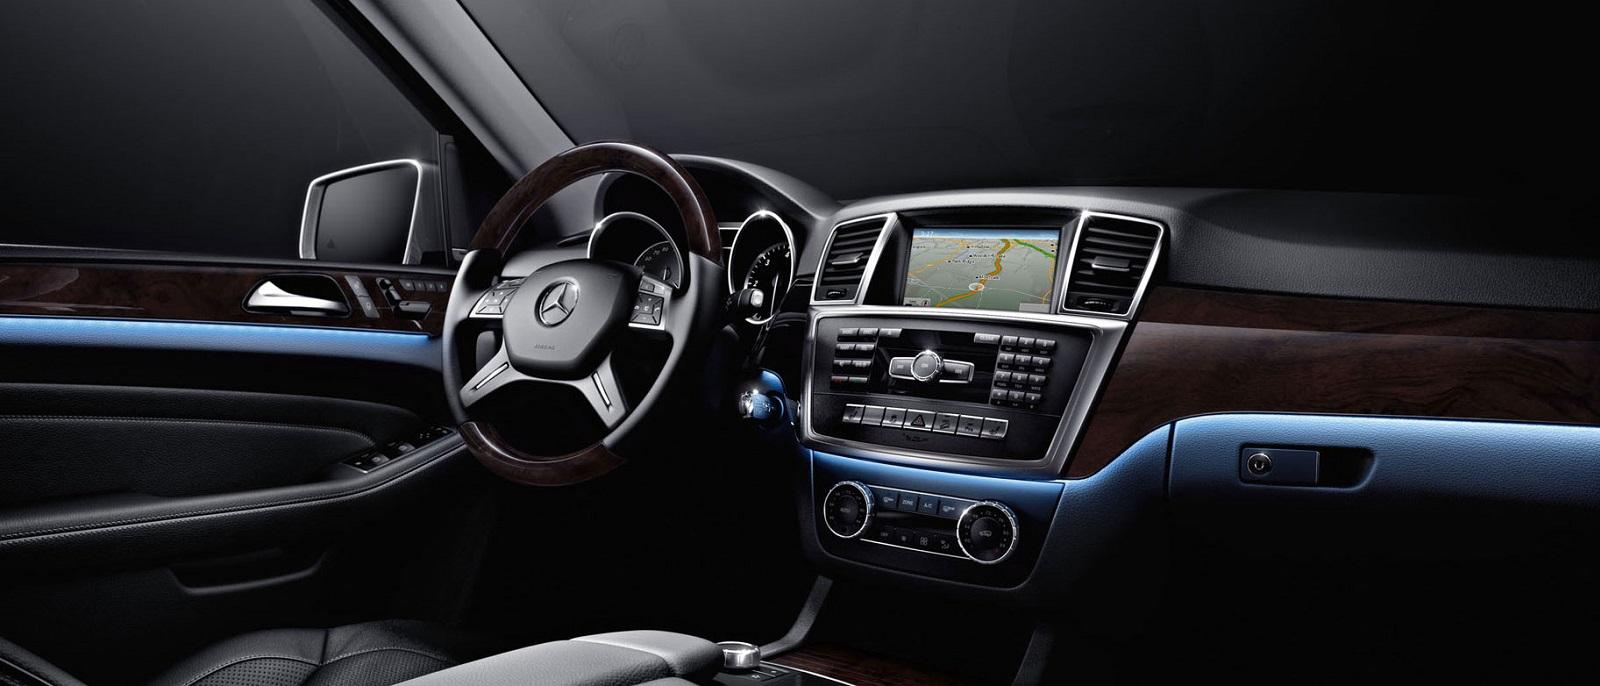 2015 m class interior